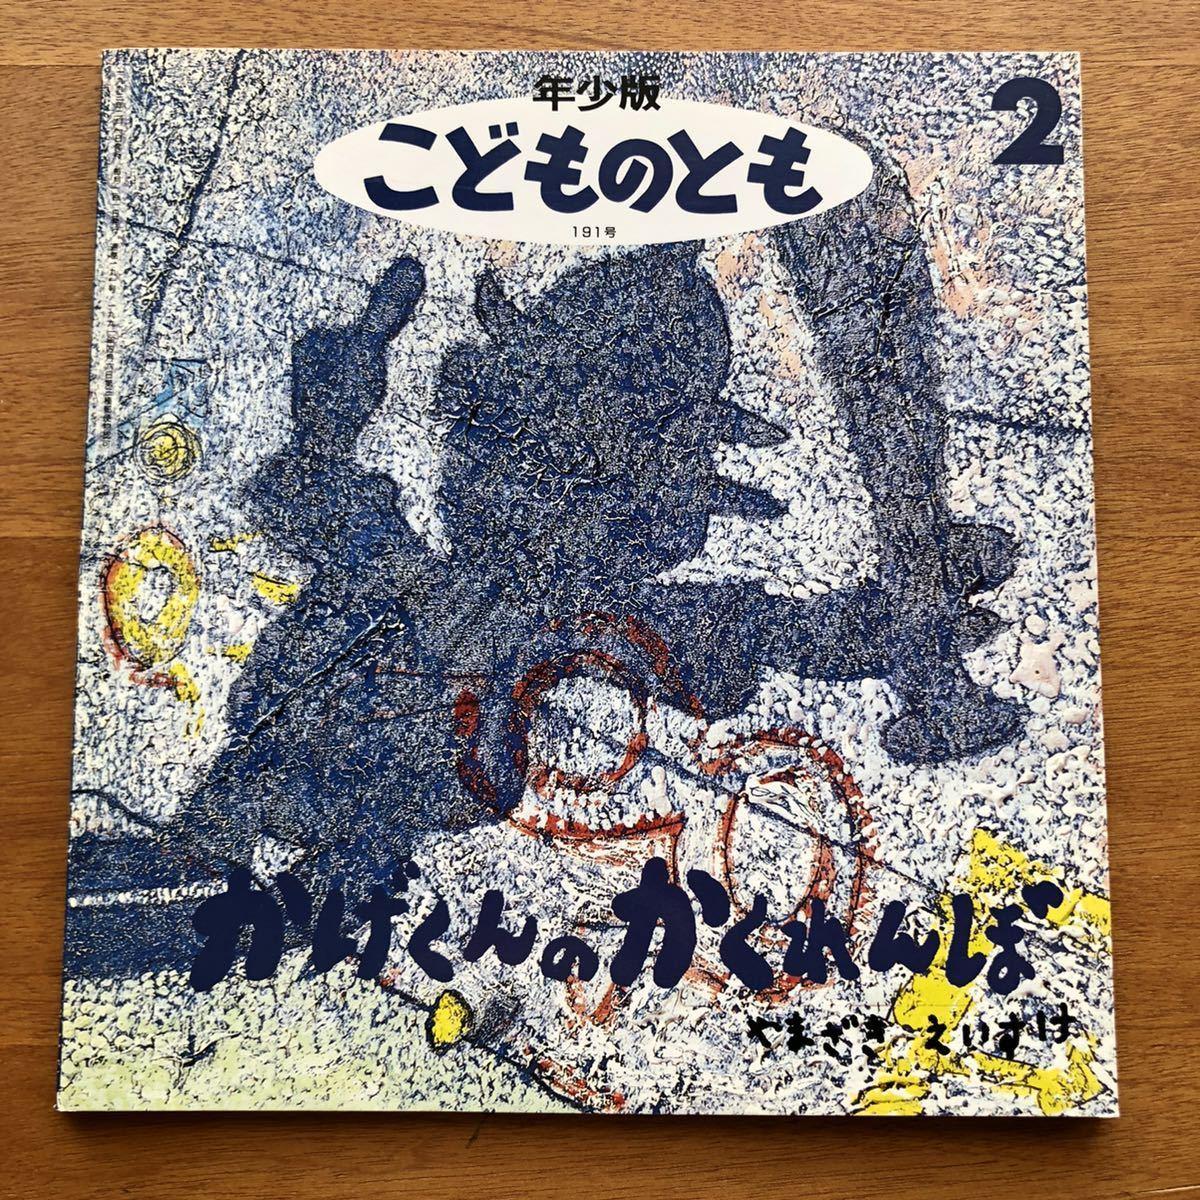 年少版こどものとも かげくんのかくれんぼ 山崎英介 1993年 初版 絶版 男の子 影 古い 絵本 昭和レトロ